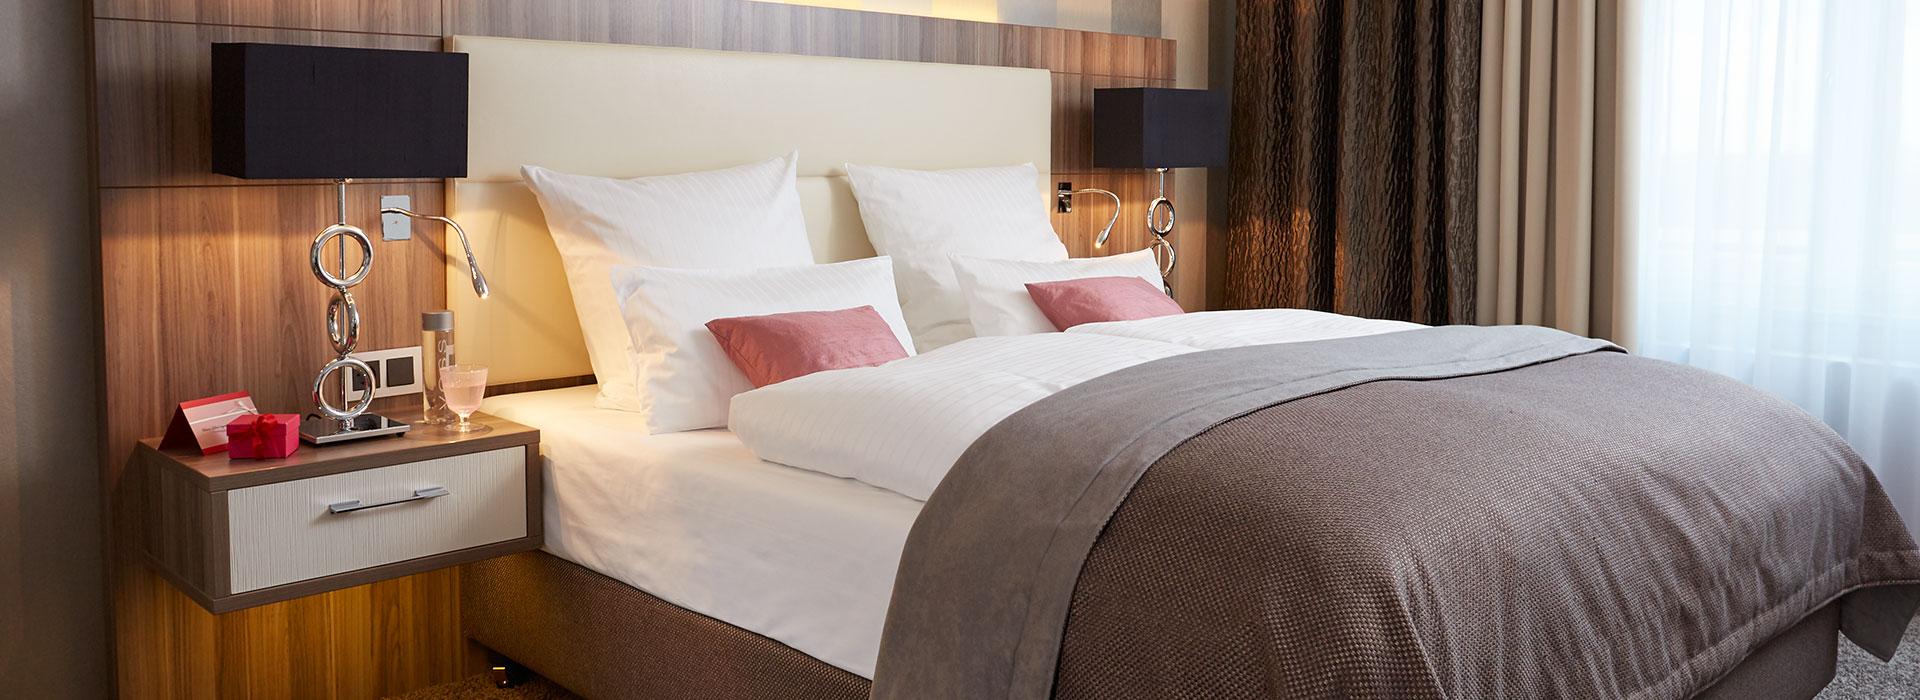 Schönes Hotelbett